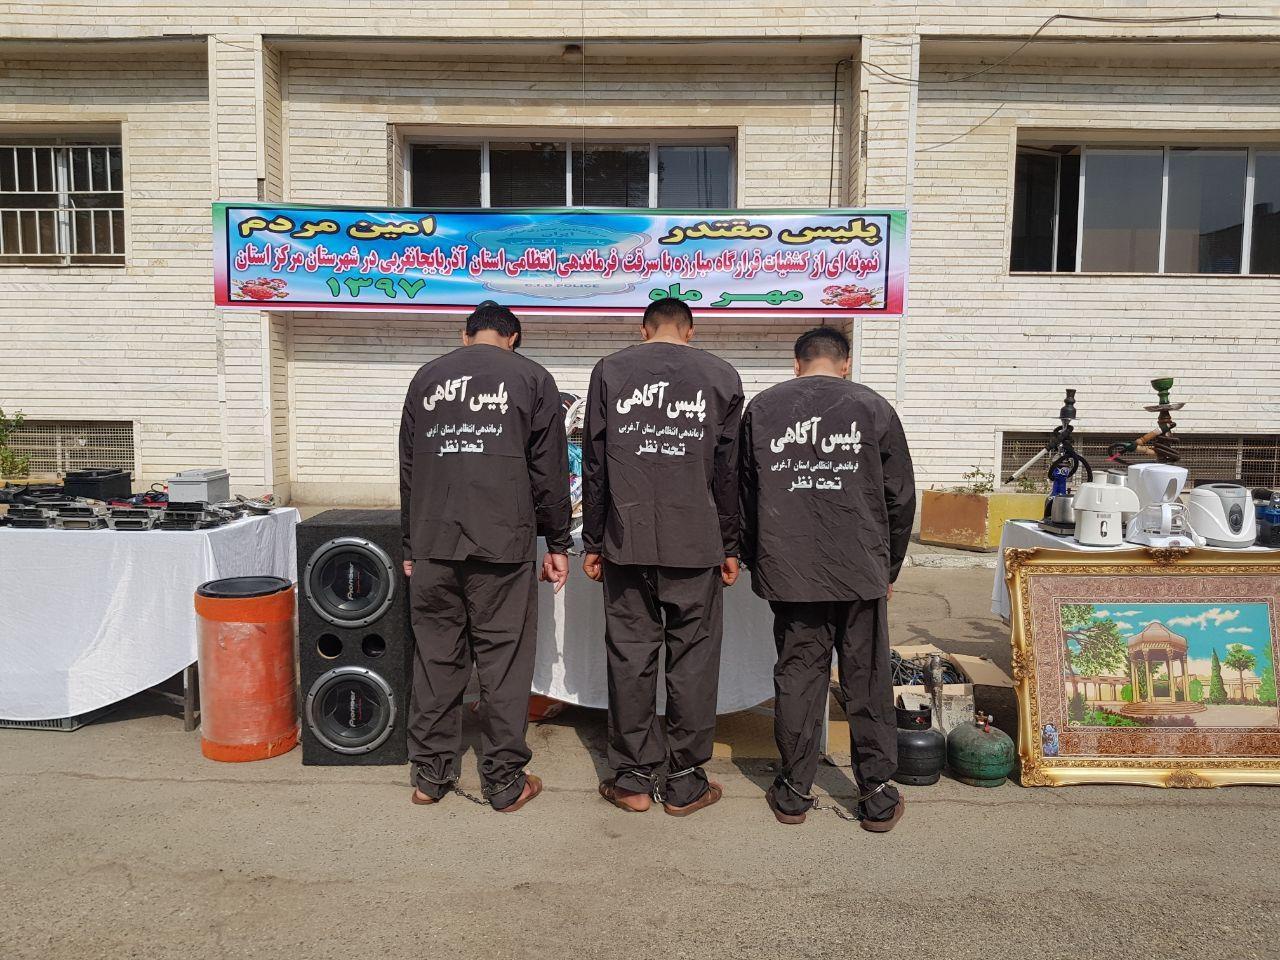 دستگیری ۱۳۸ نفر در ارومیه+تصاویر